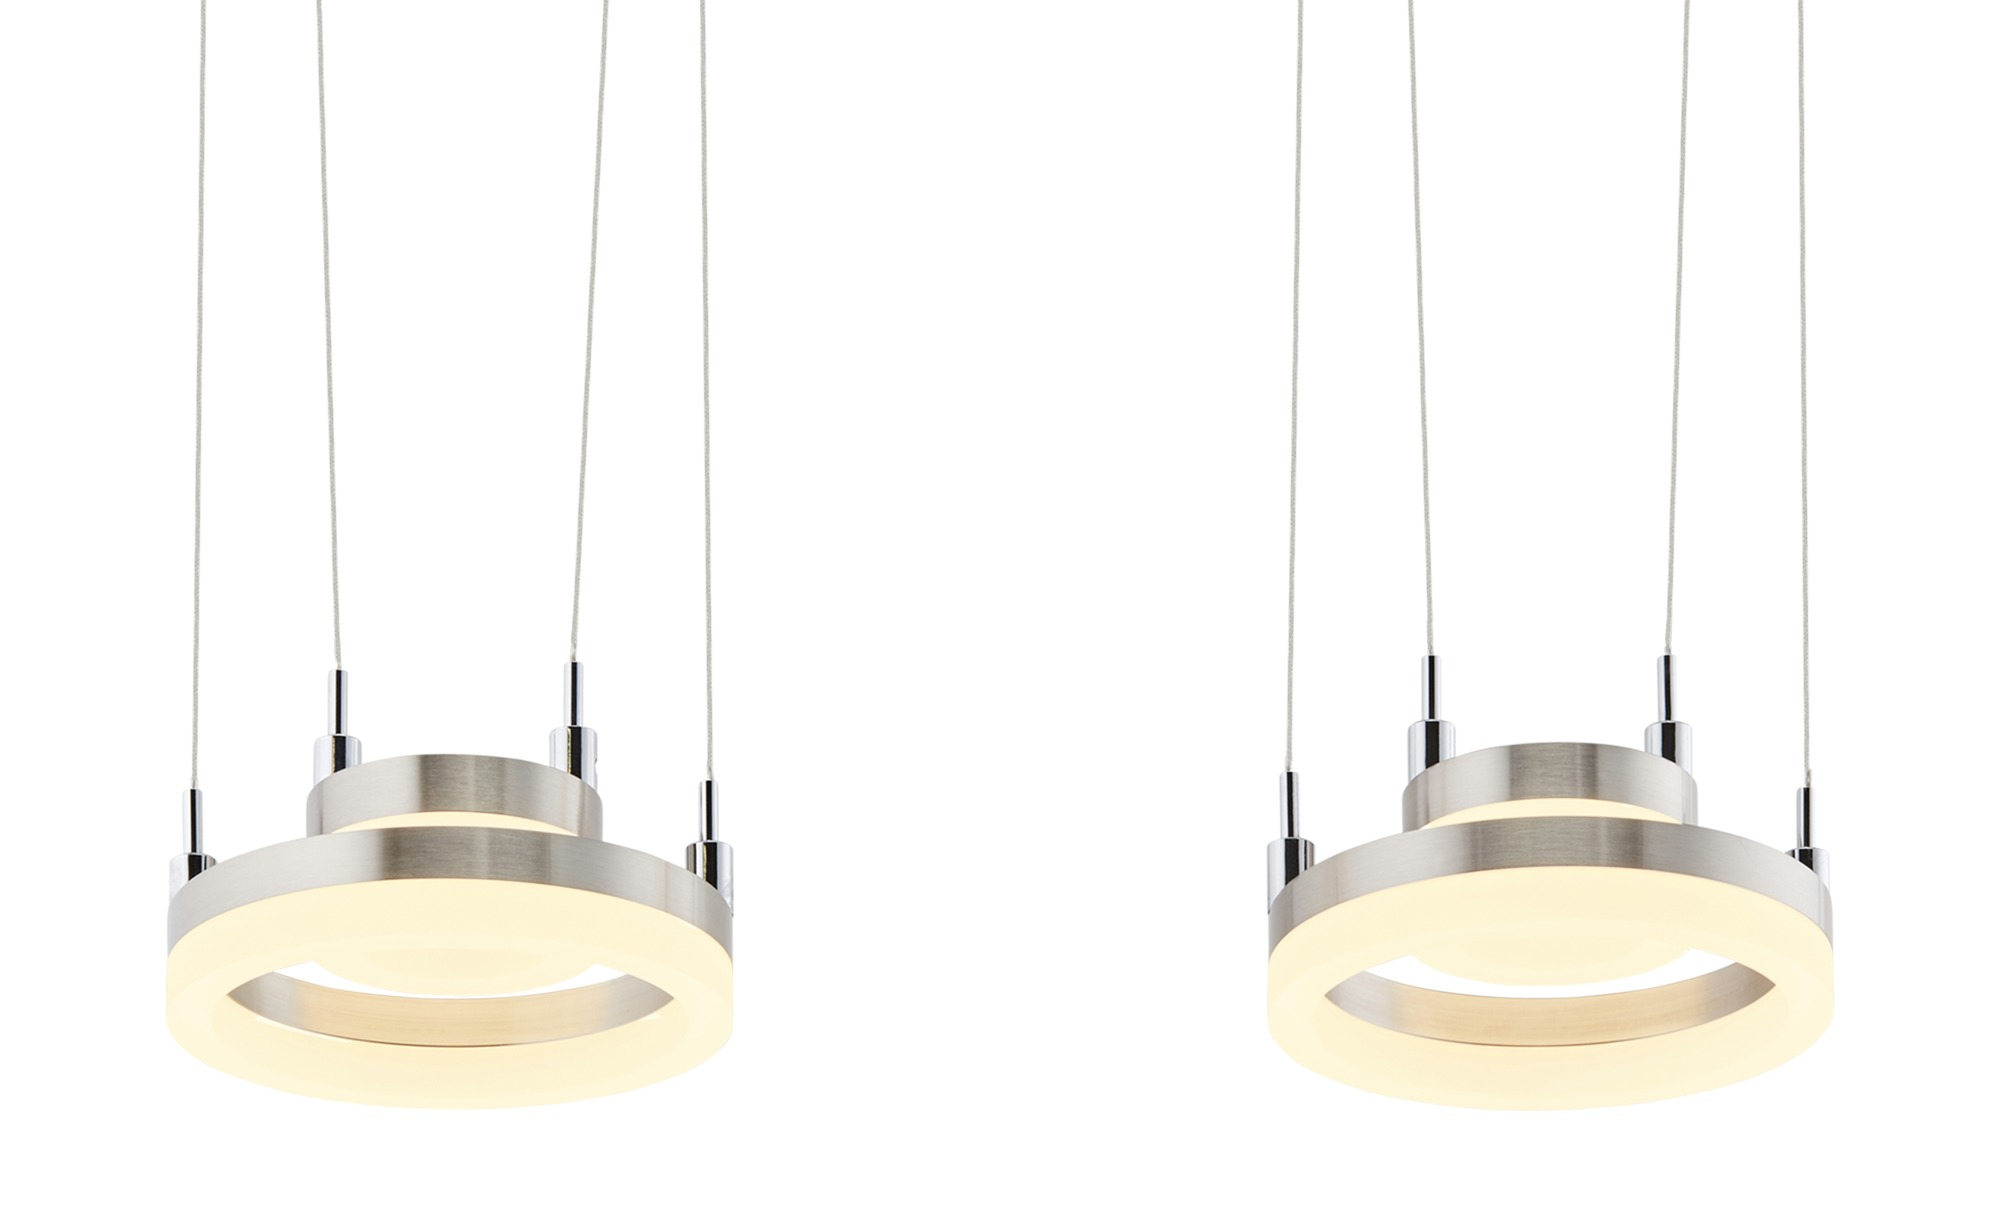 Meisterleuchten LED-Pendelleuchte, 4-flammig, nickel matt ¦ silber ¦ Maße (cm): B: 15 H: 150 Lampen & Leuchten > LED-Leuchten > LED-Pendelleuchten - Höffner